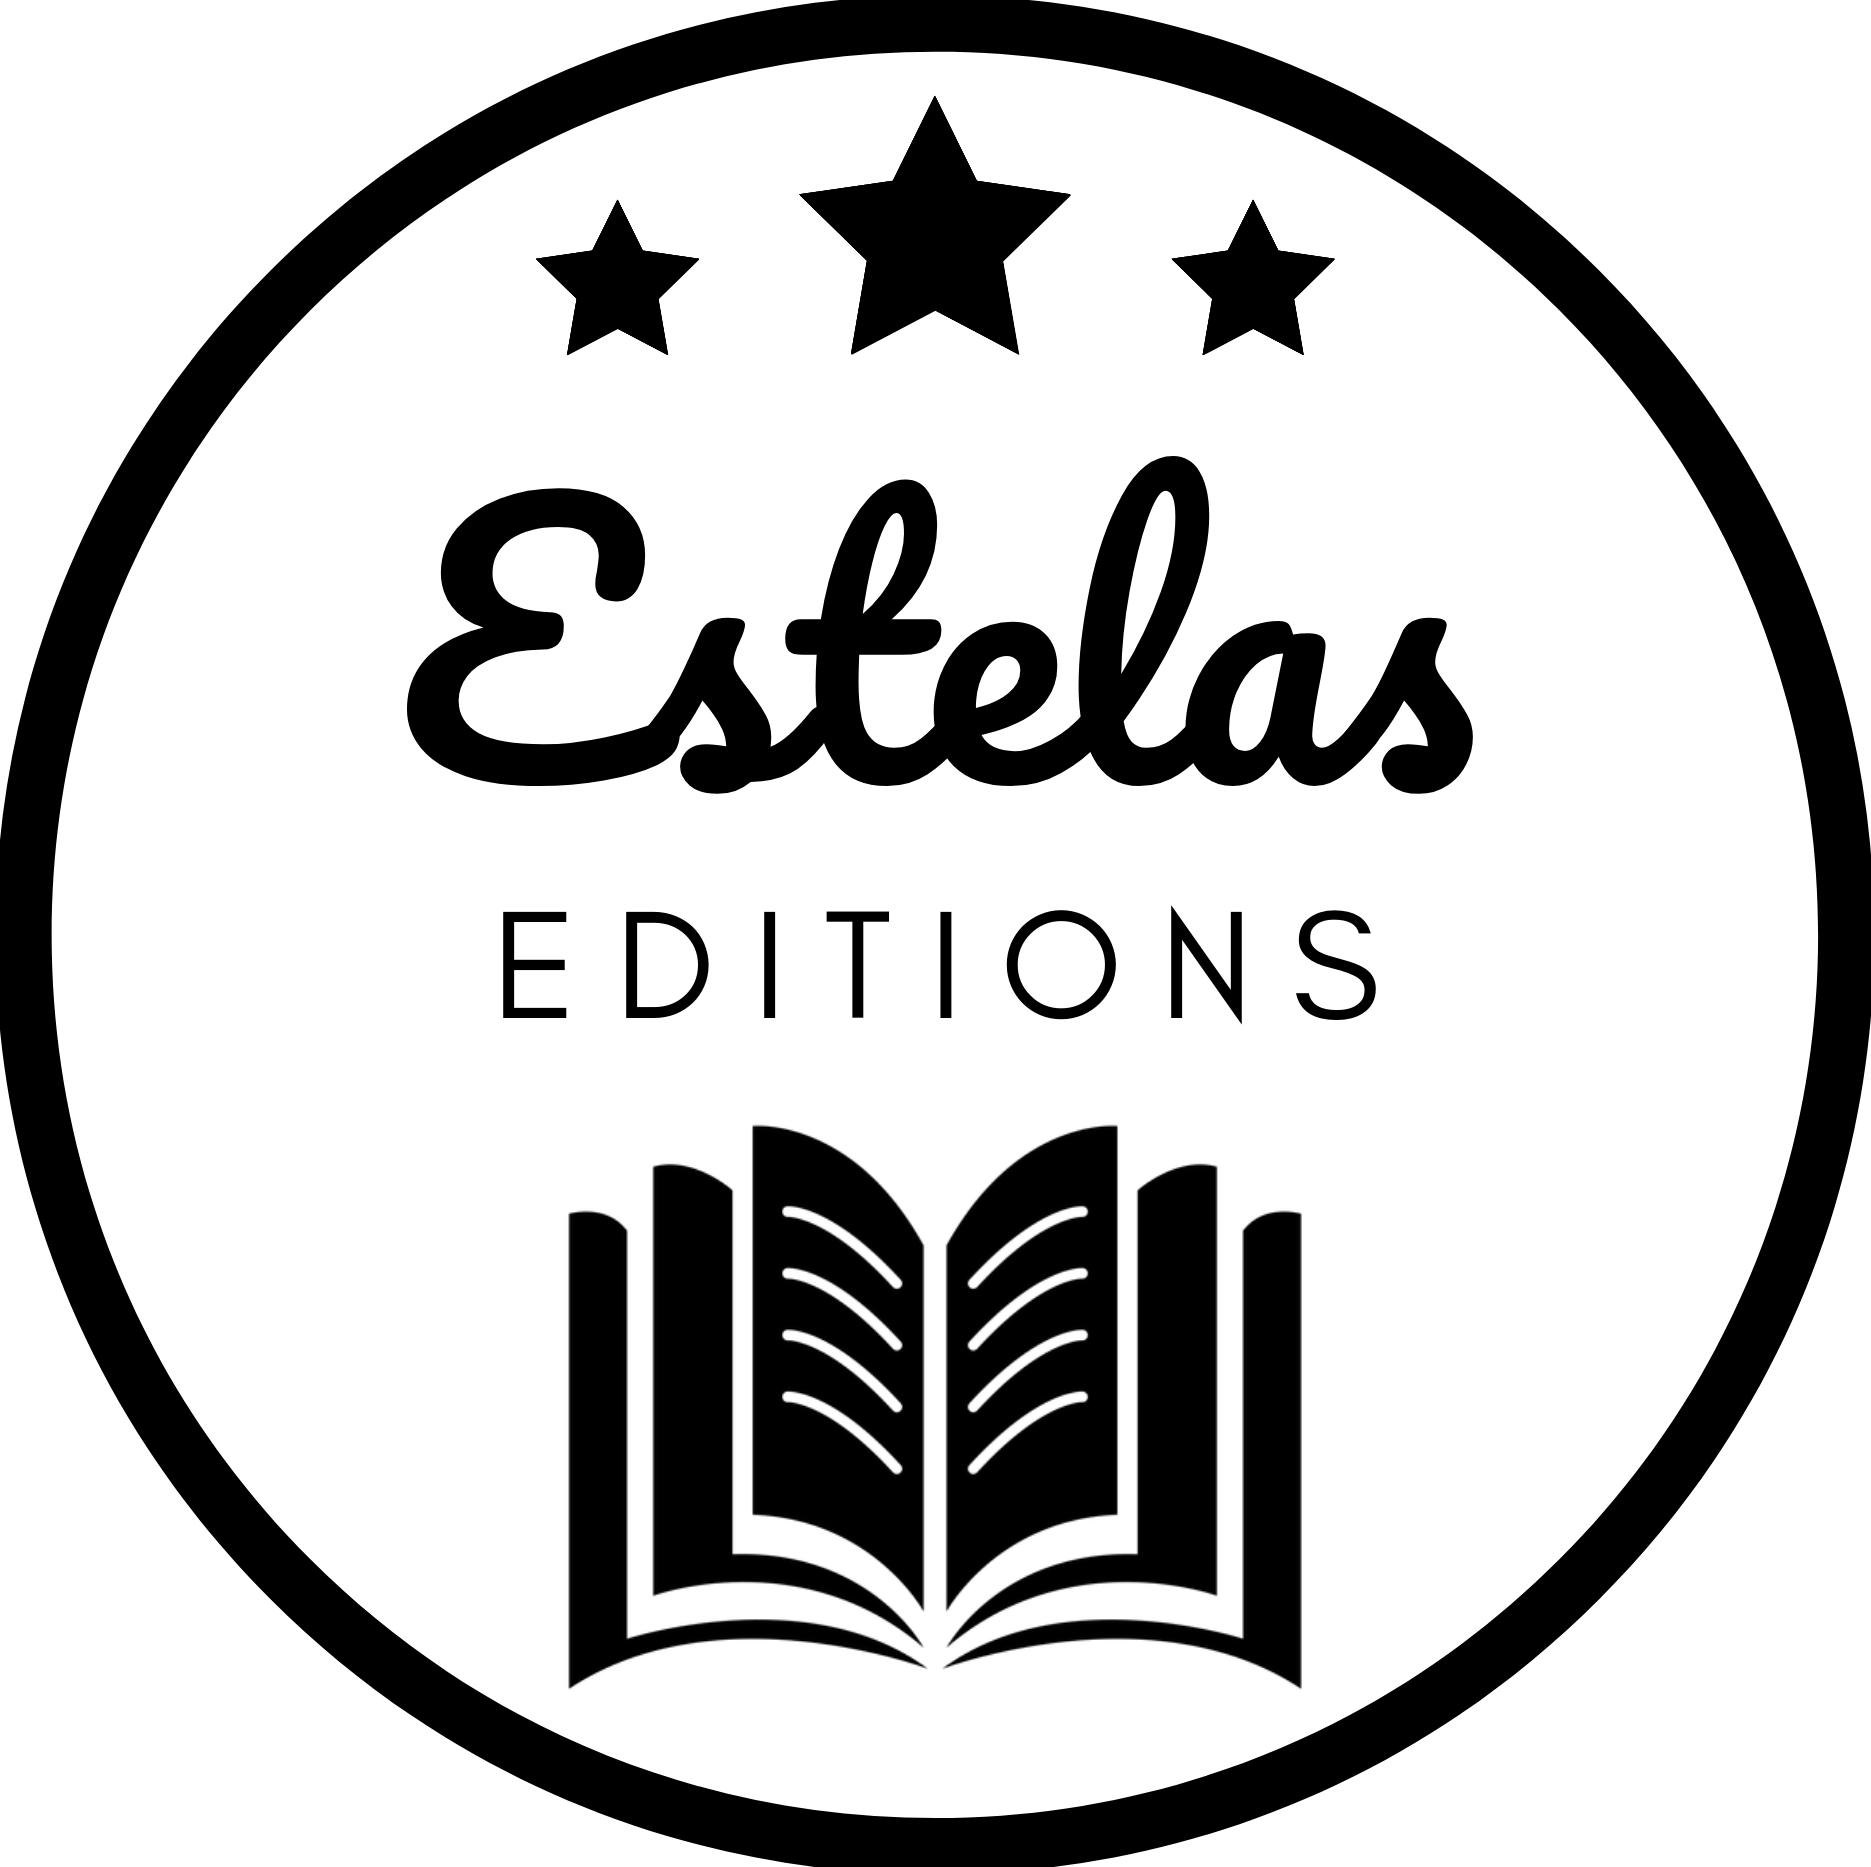 Estelas Editions